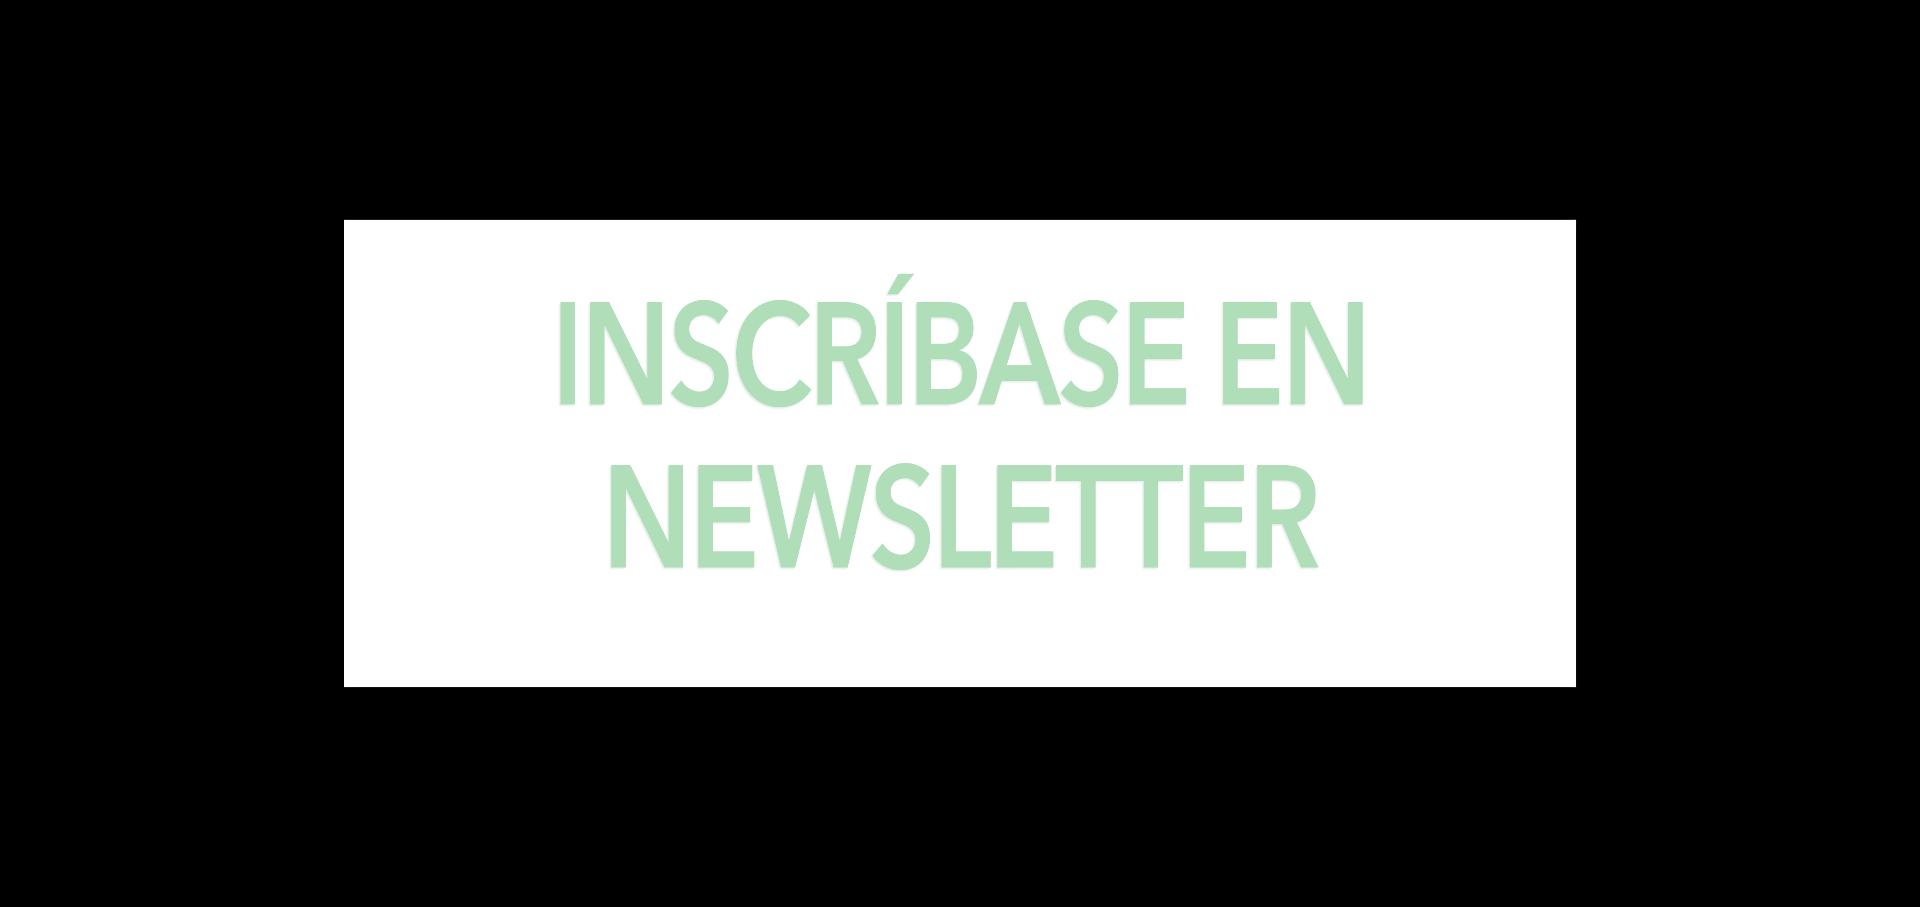 Inscribase en newsletter